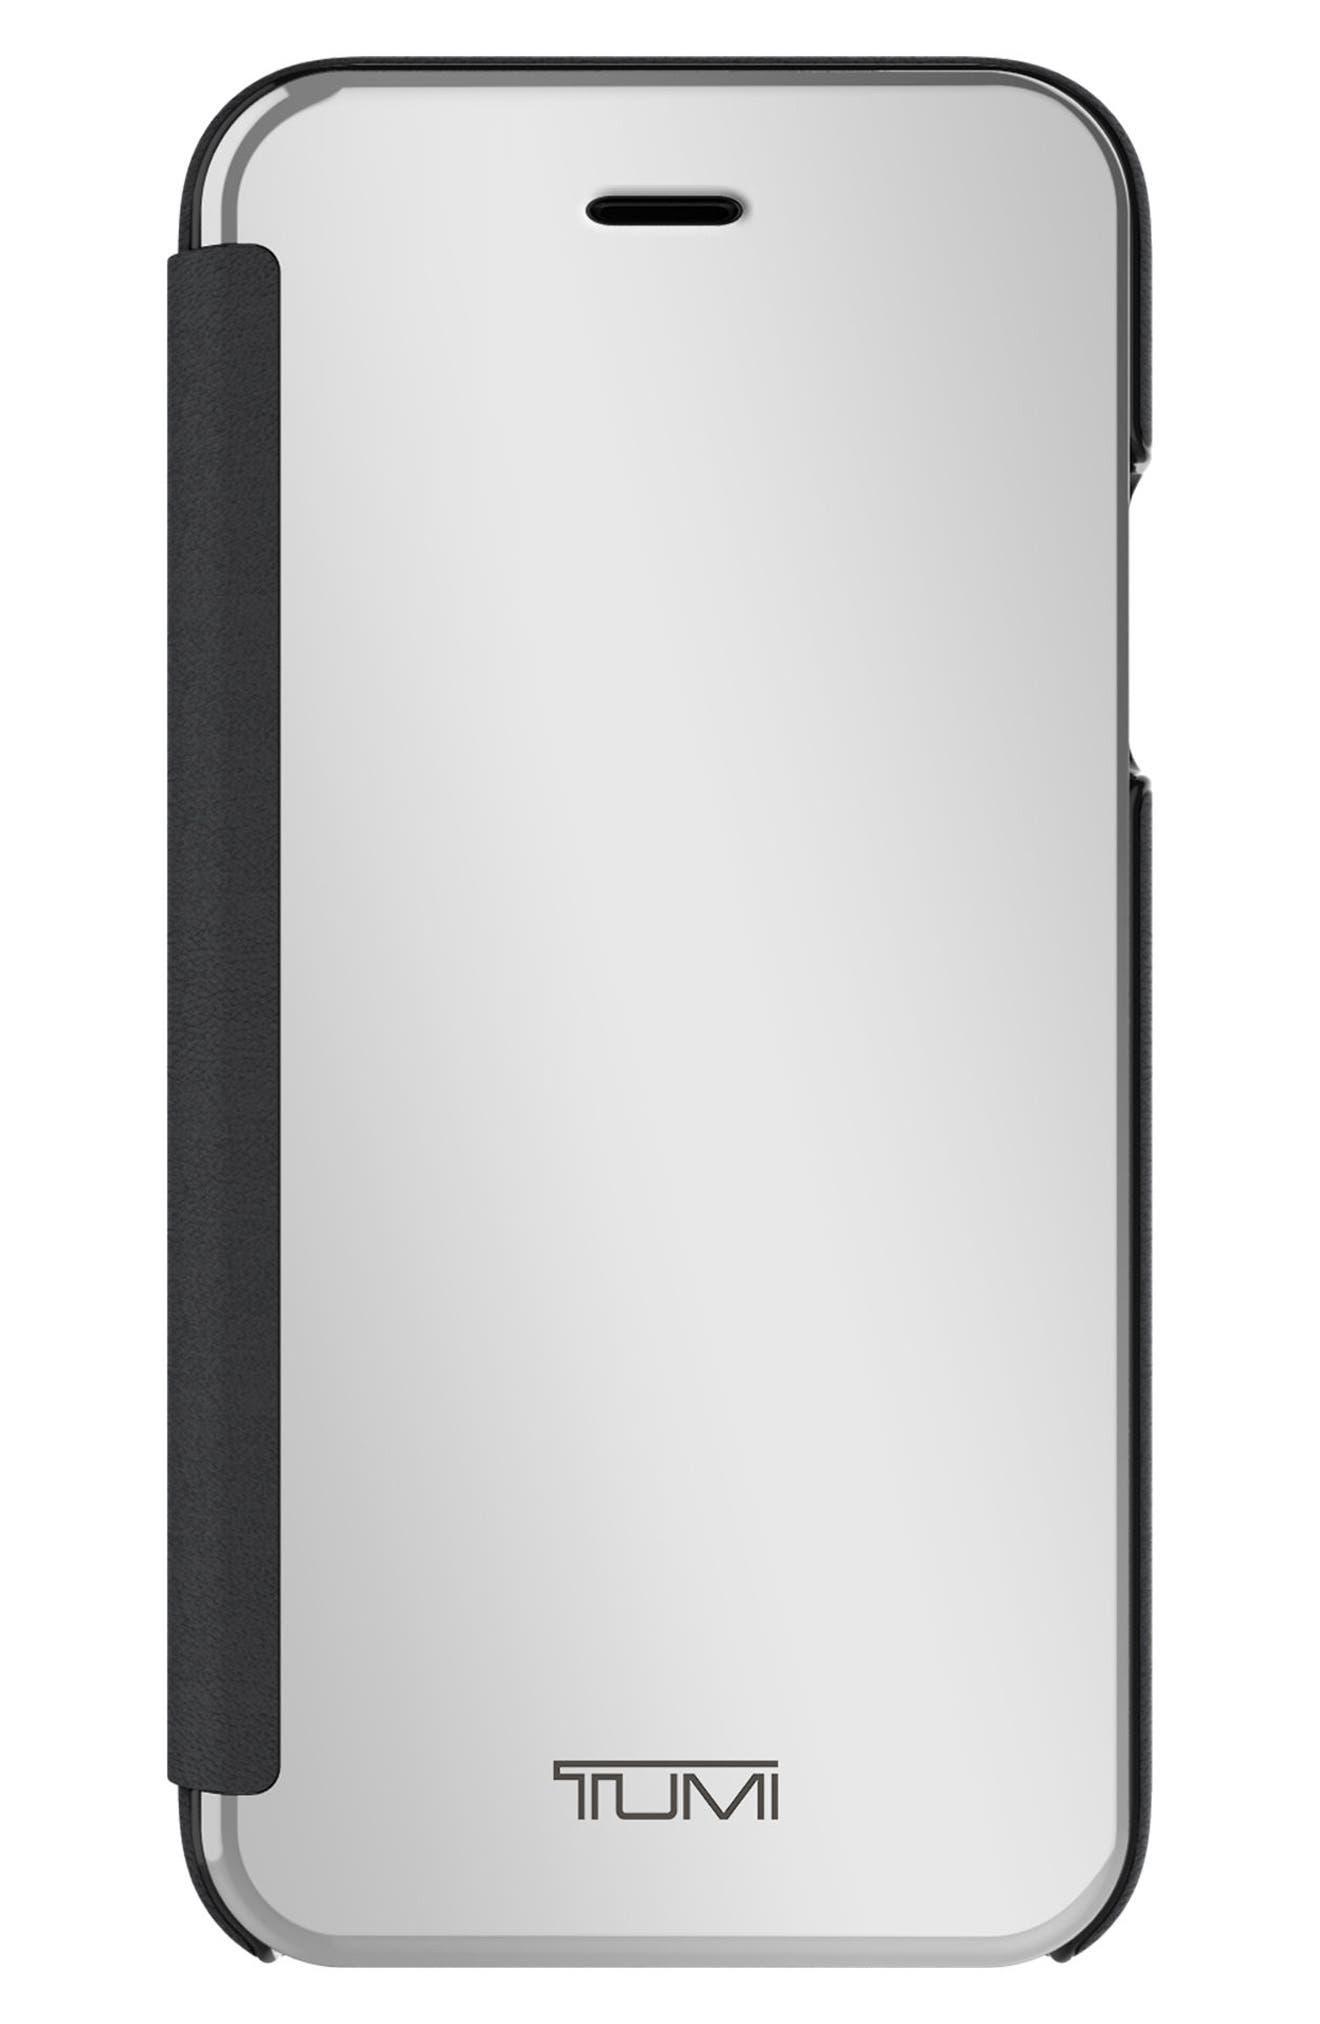 Tumi Privacy Folio iPhone X Case